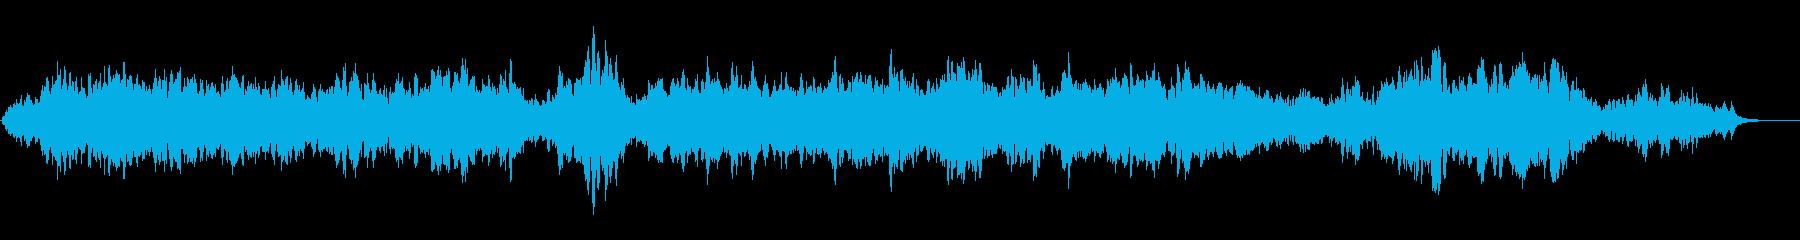 癒し系の曲ですの再生済みの波形